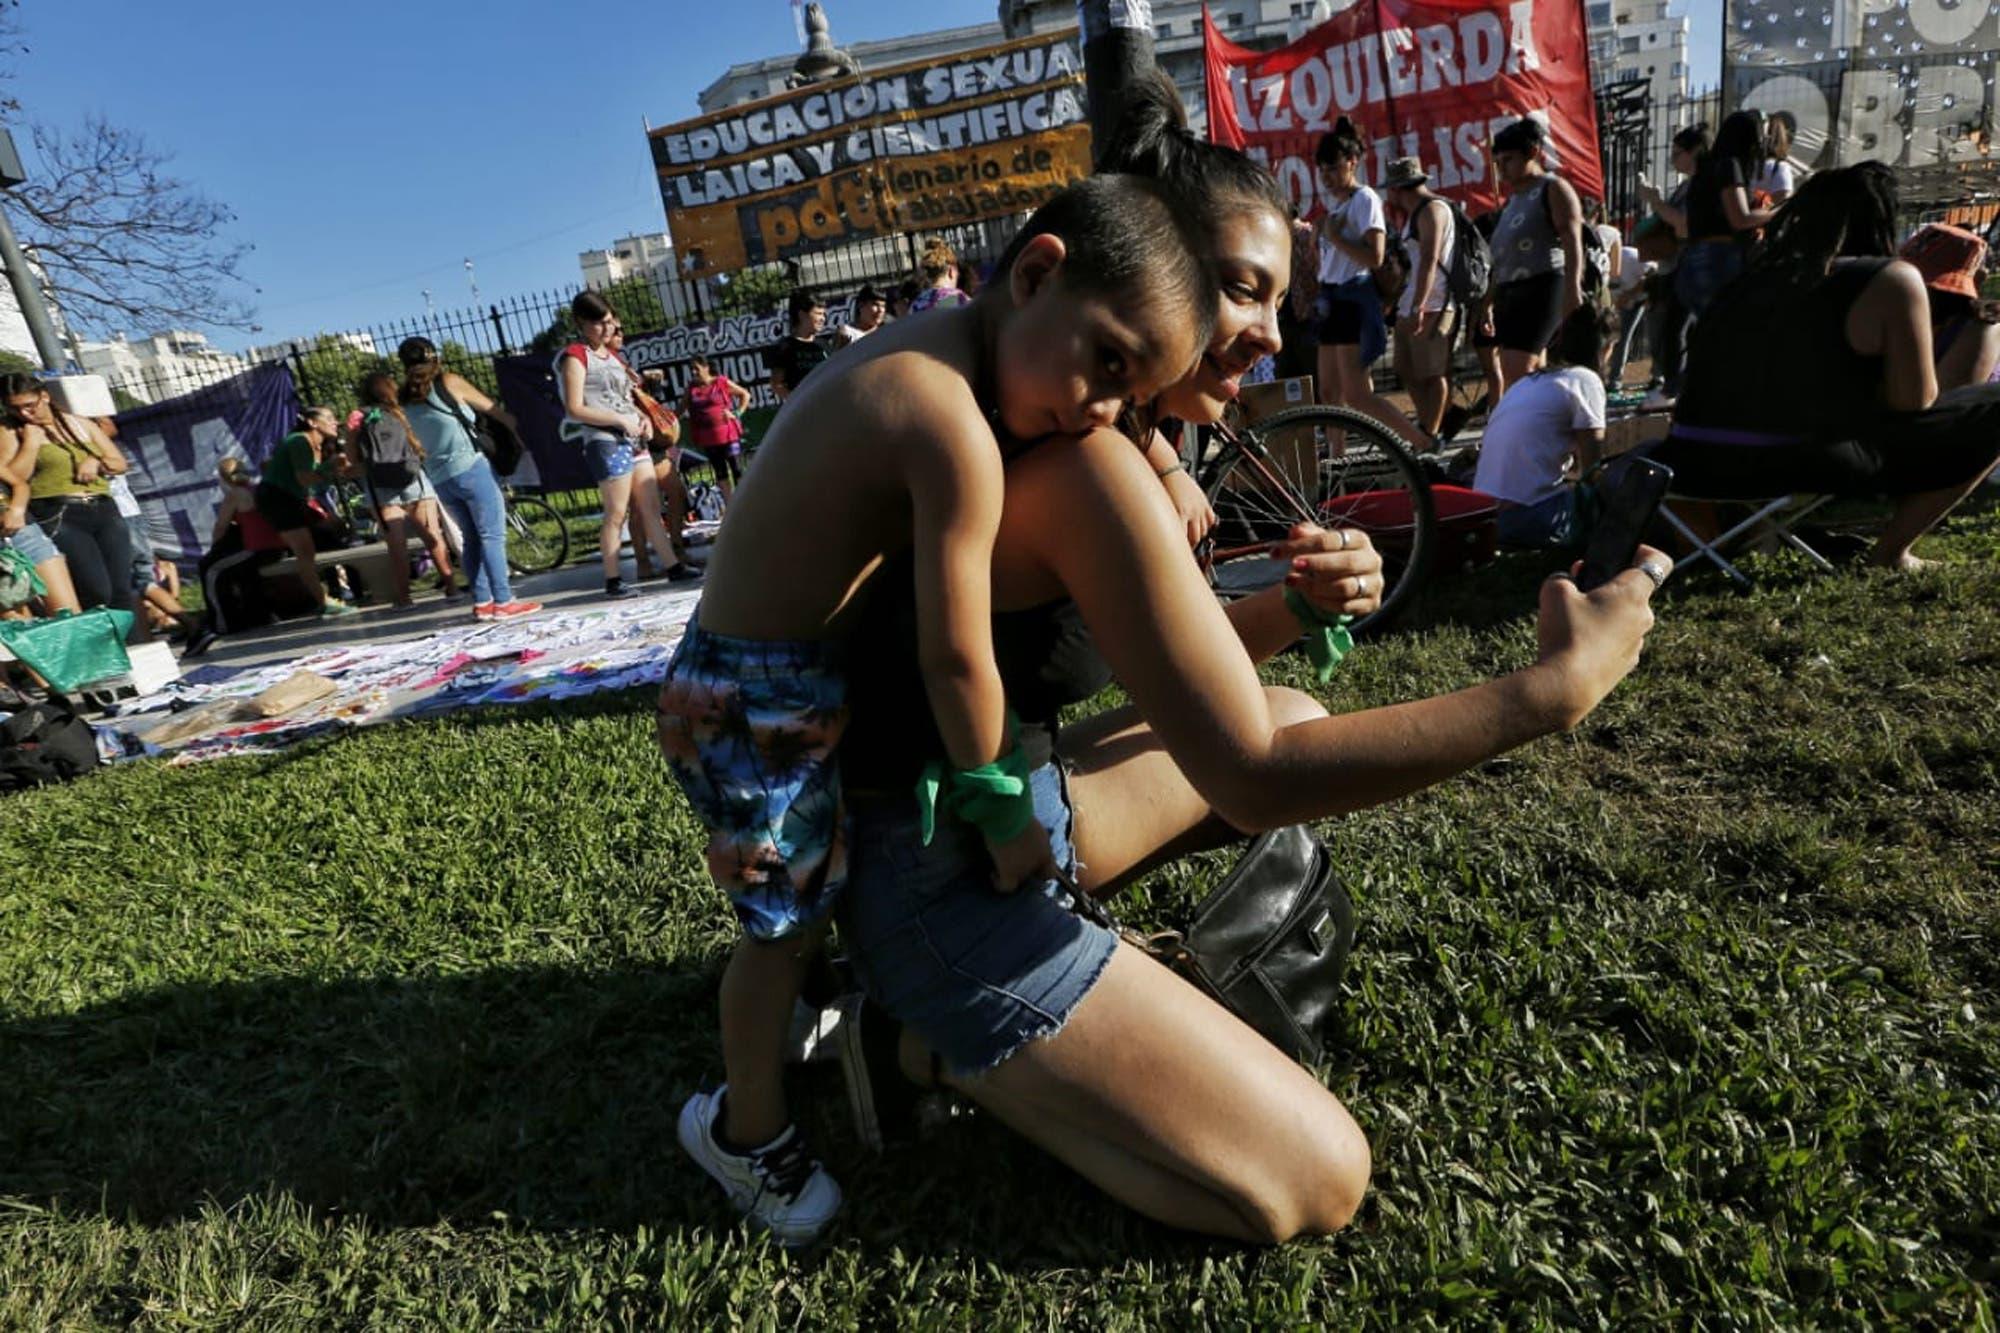 Pañuelazo 2020: con aval del Gobierno, comienza la movilización por el aborto legal en el Congreso